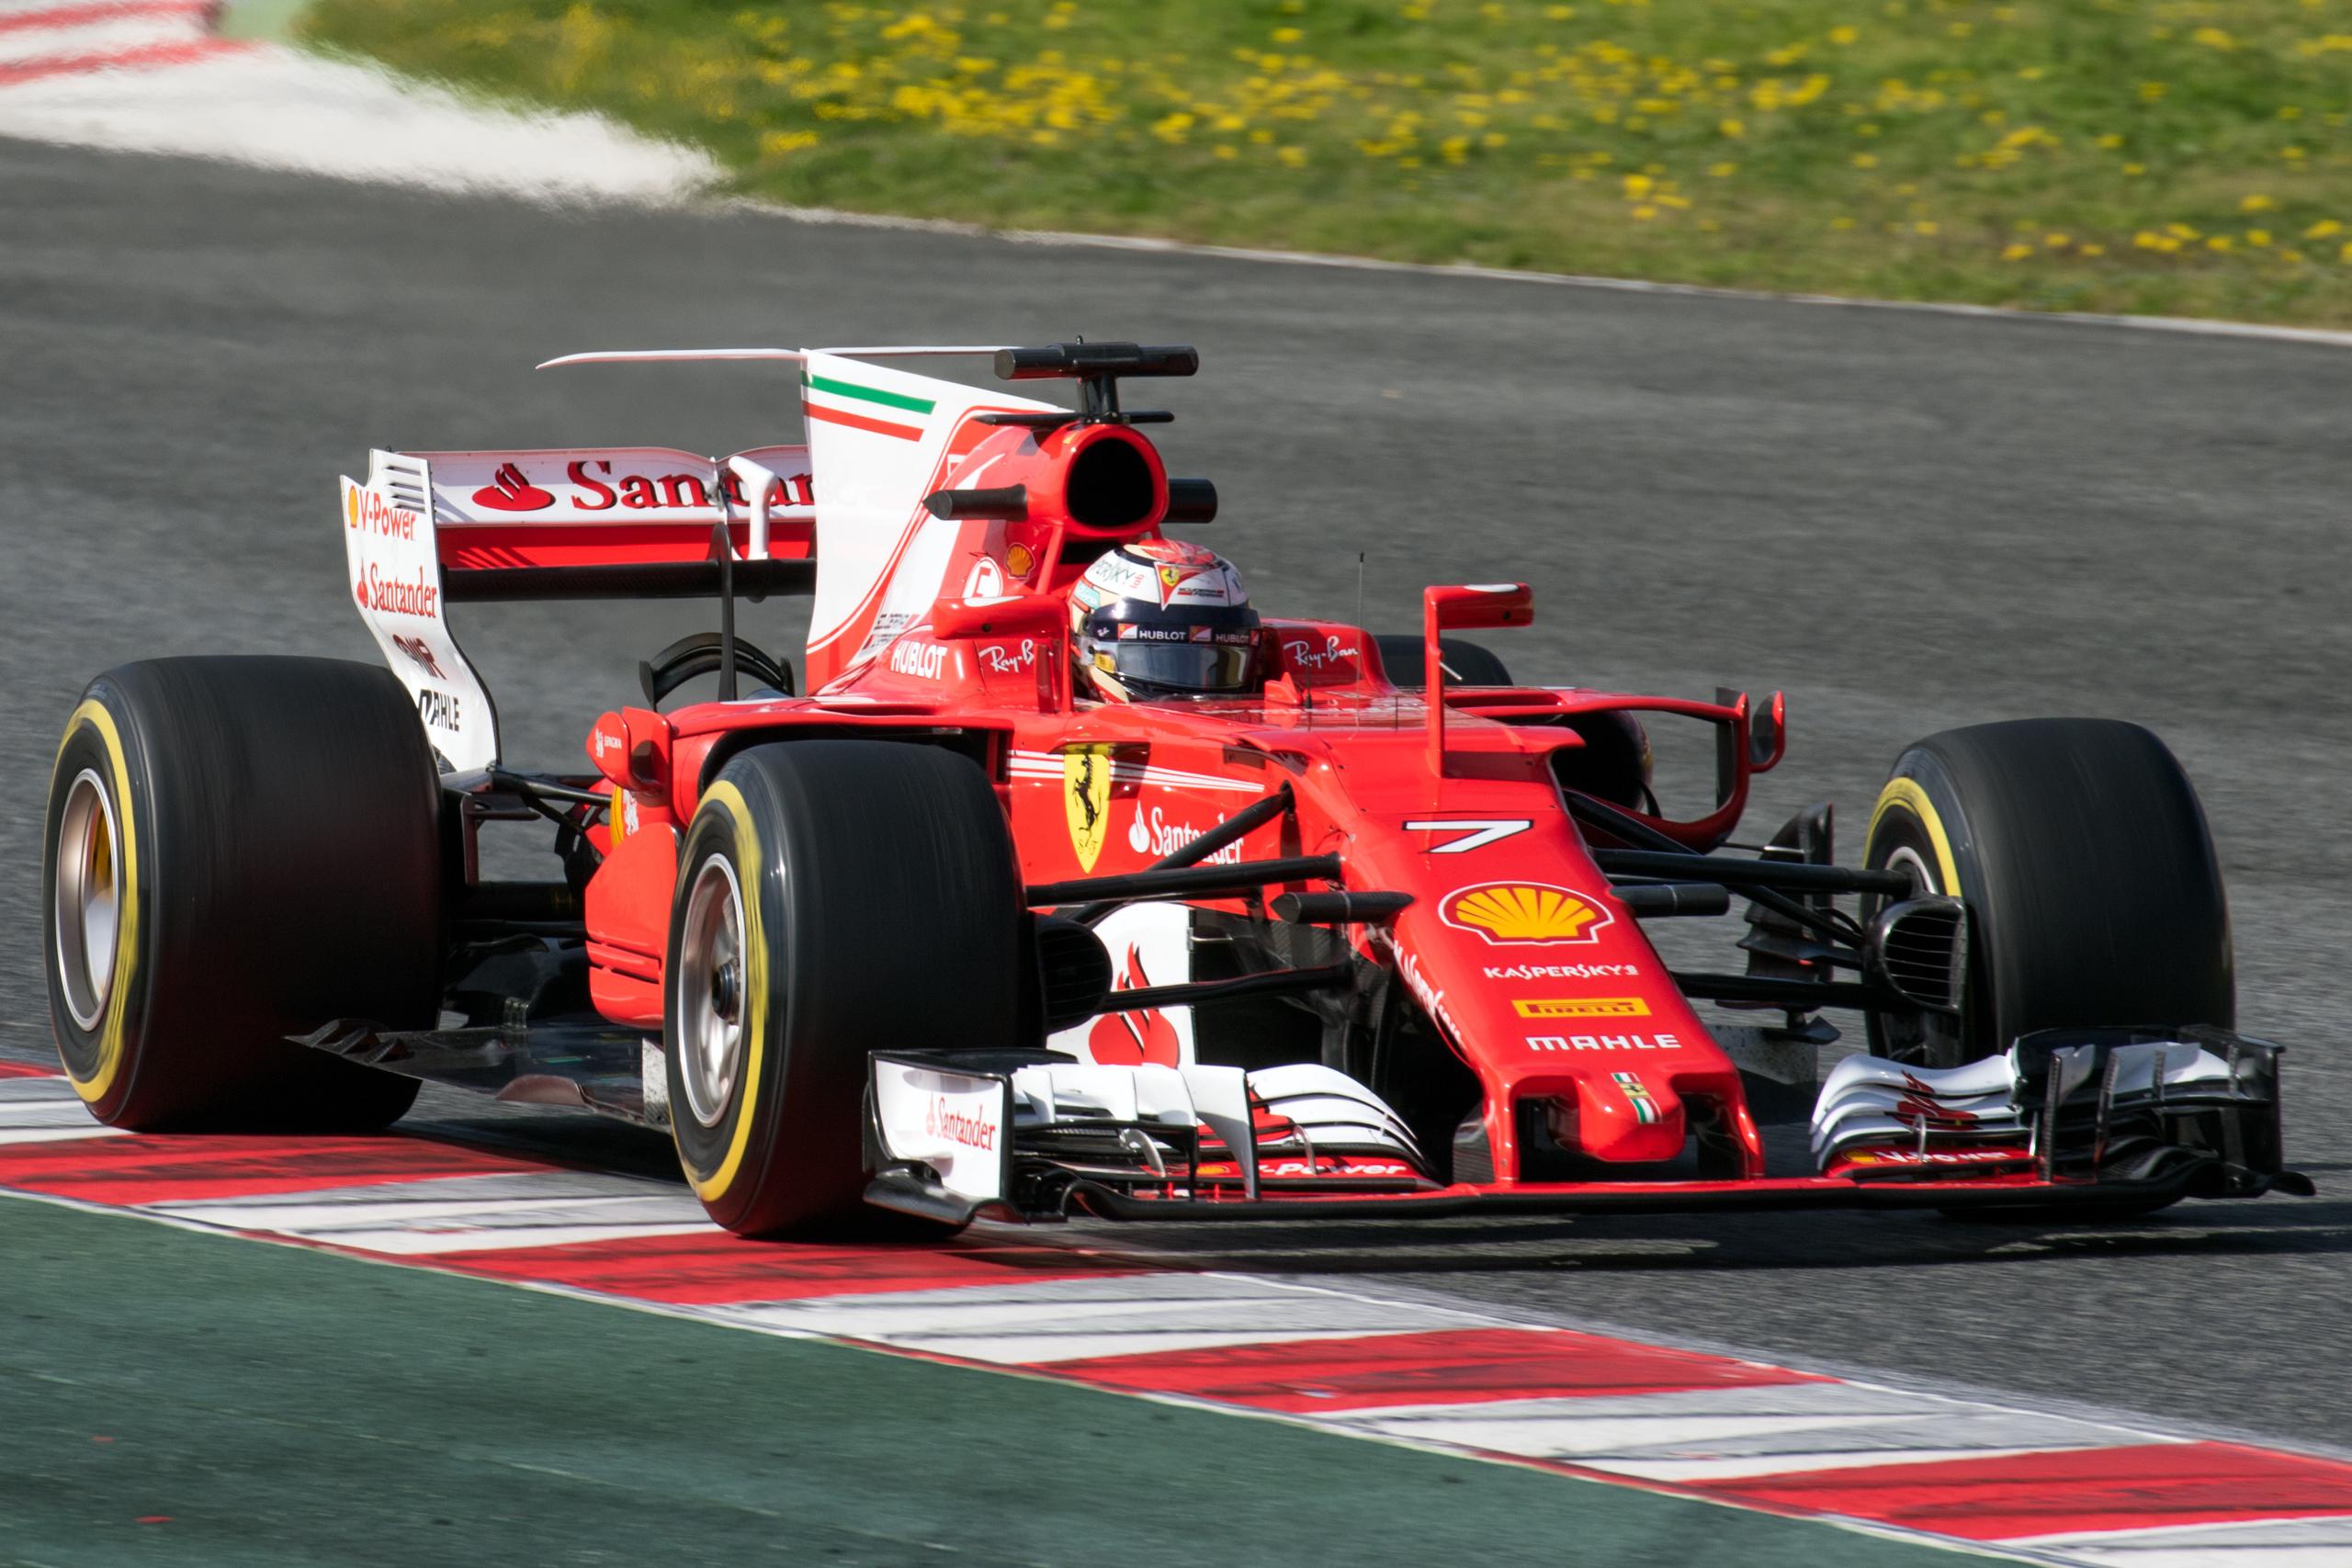 46e520b2d74f7 Ferrari SF70H - Wikipedia